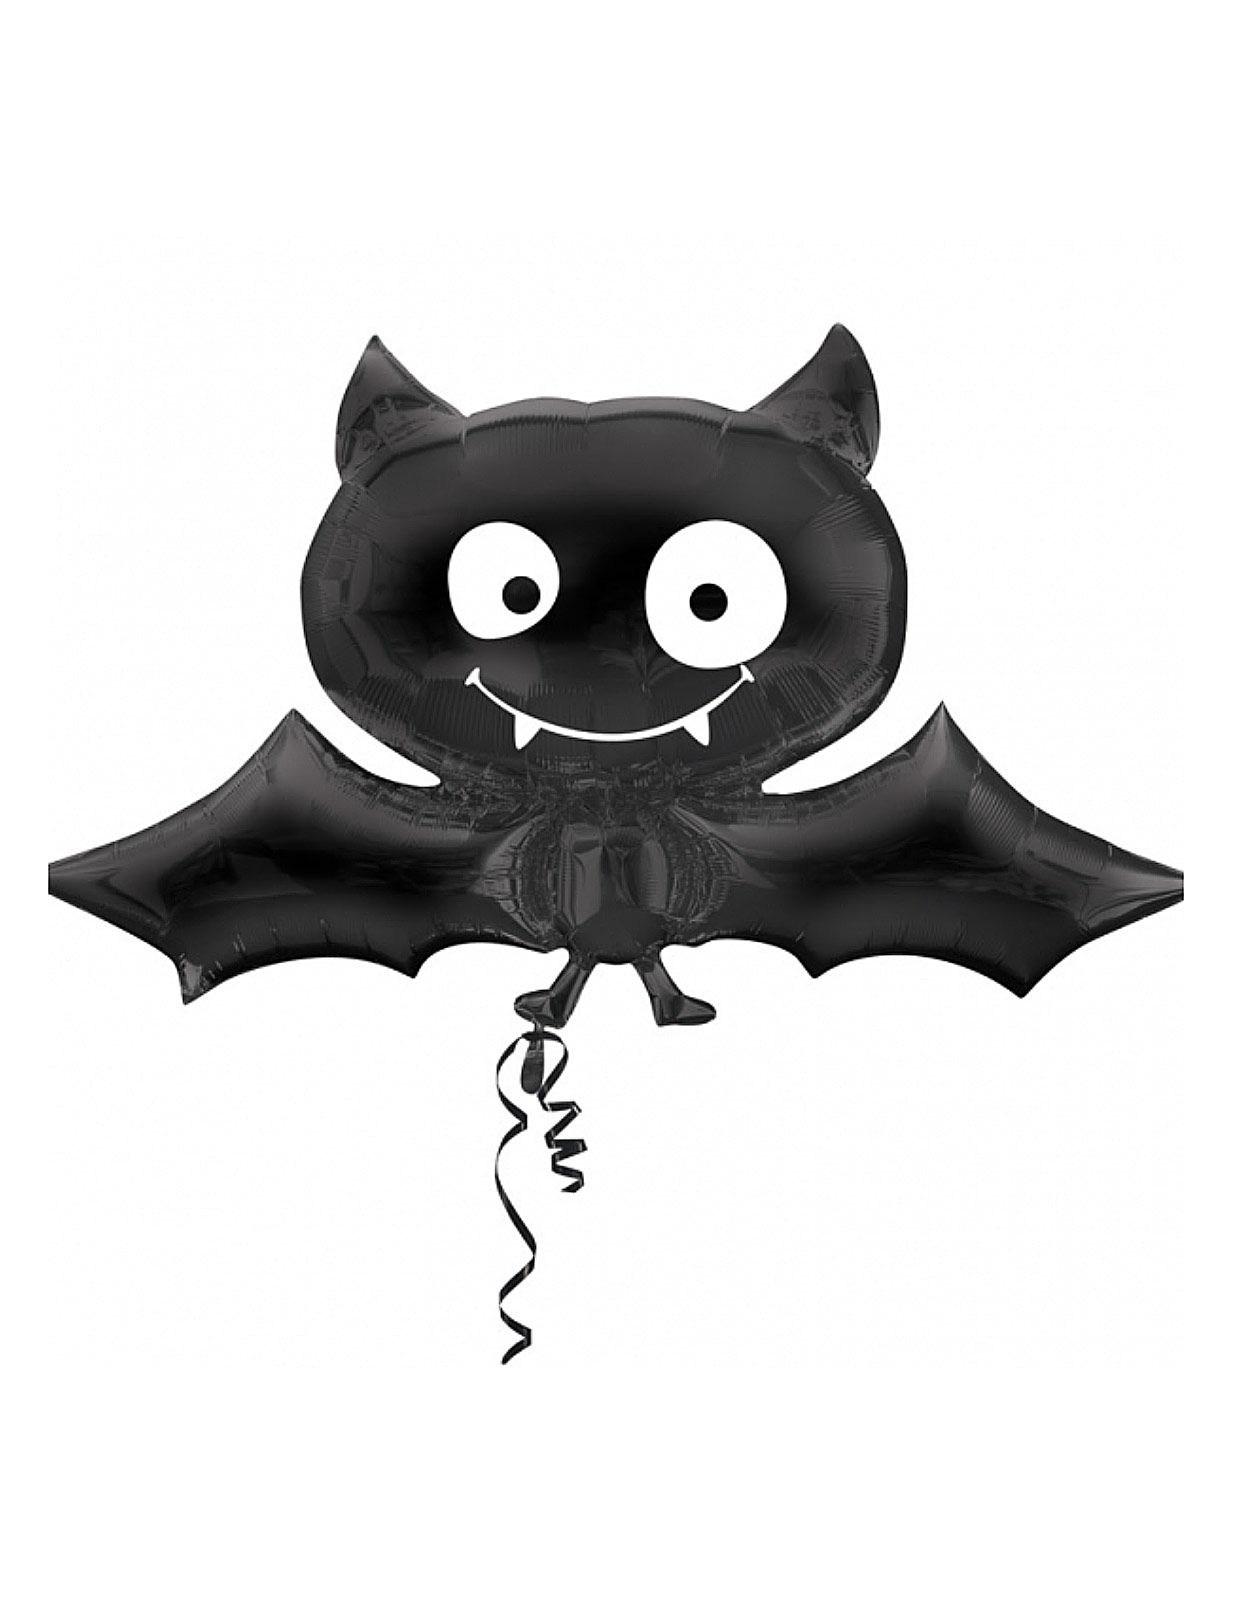 Schön Süße Halloween Fledermaus Malvorlagen Zeitgenössisch ...